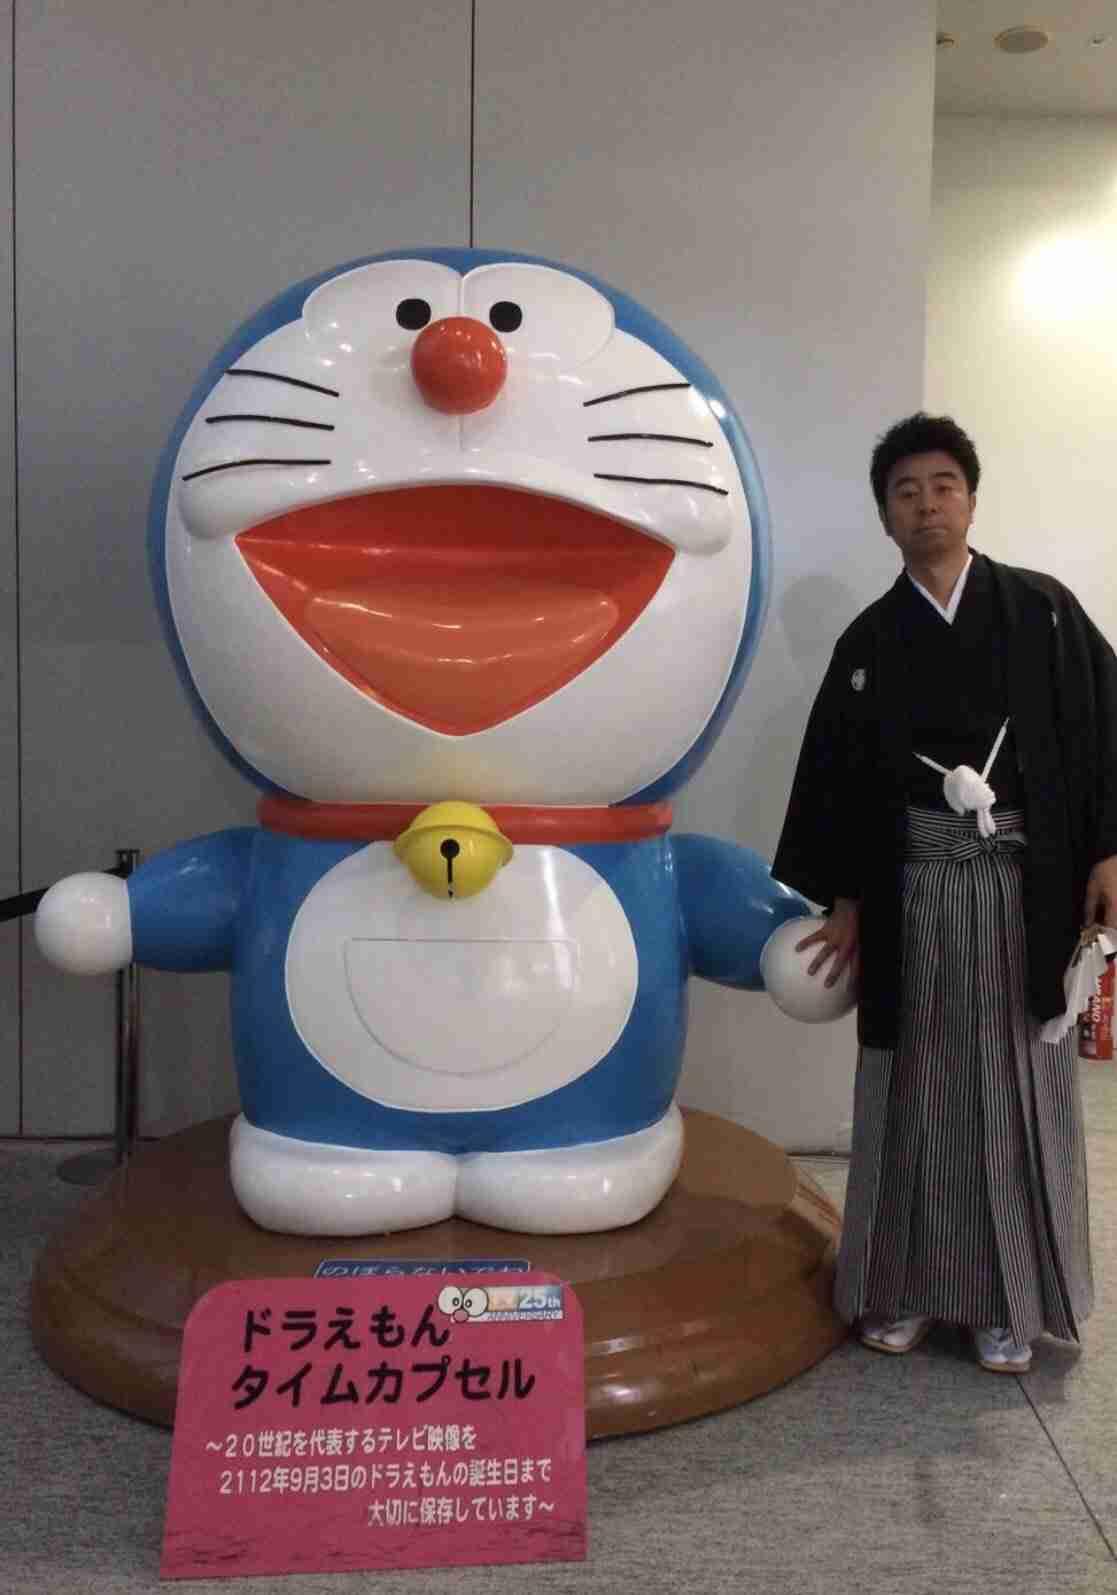 よゐこ濱口優、南明奈へのプロポーズはTDSで レギュラー番組で生報告